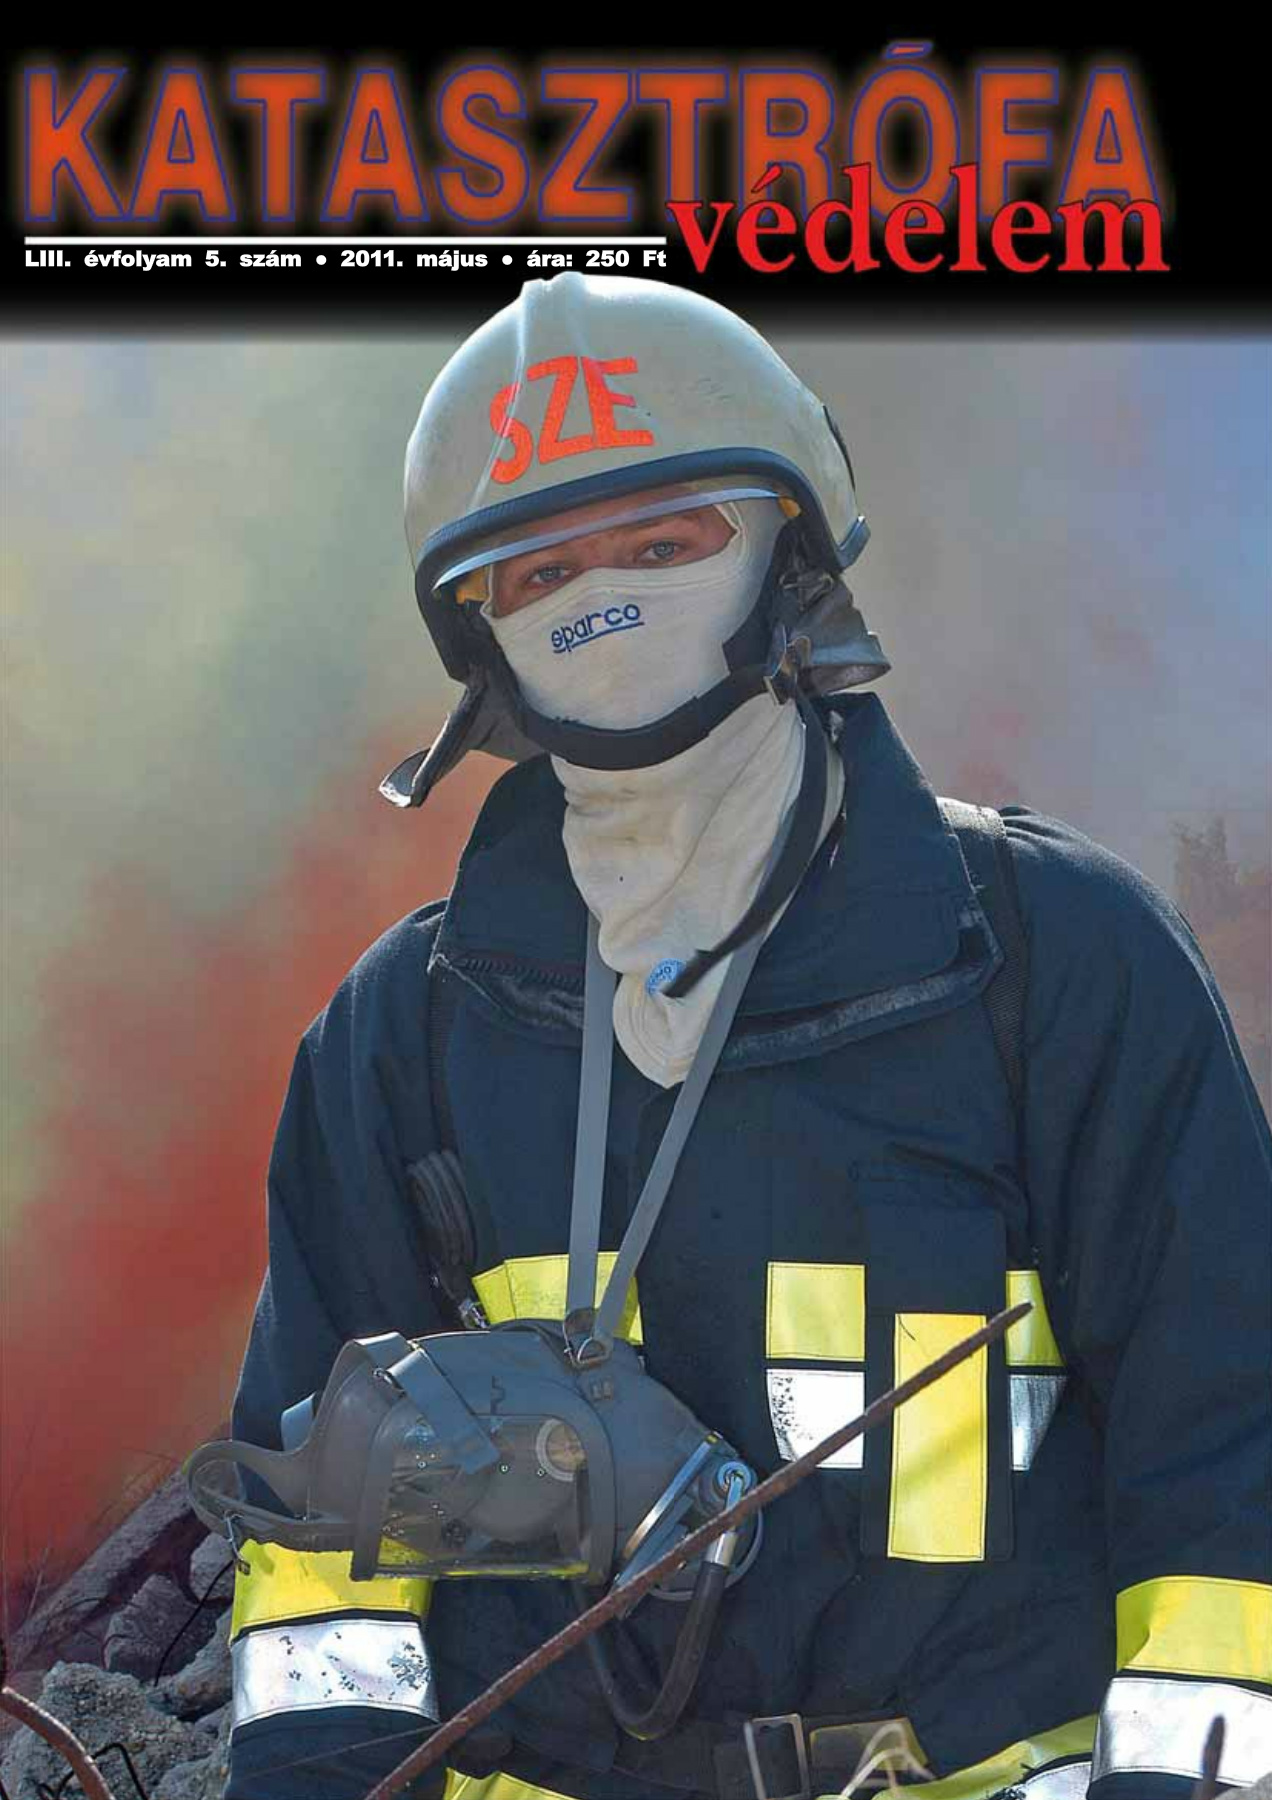 A Katasztrófavédelem magazin LIII. évfolyam 5. szám megtekintése